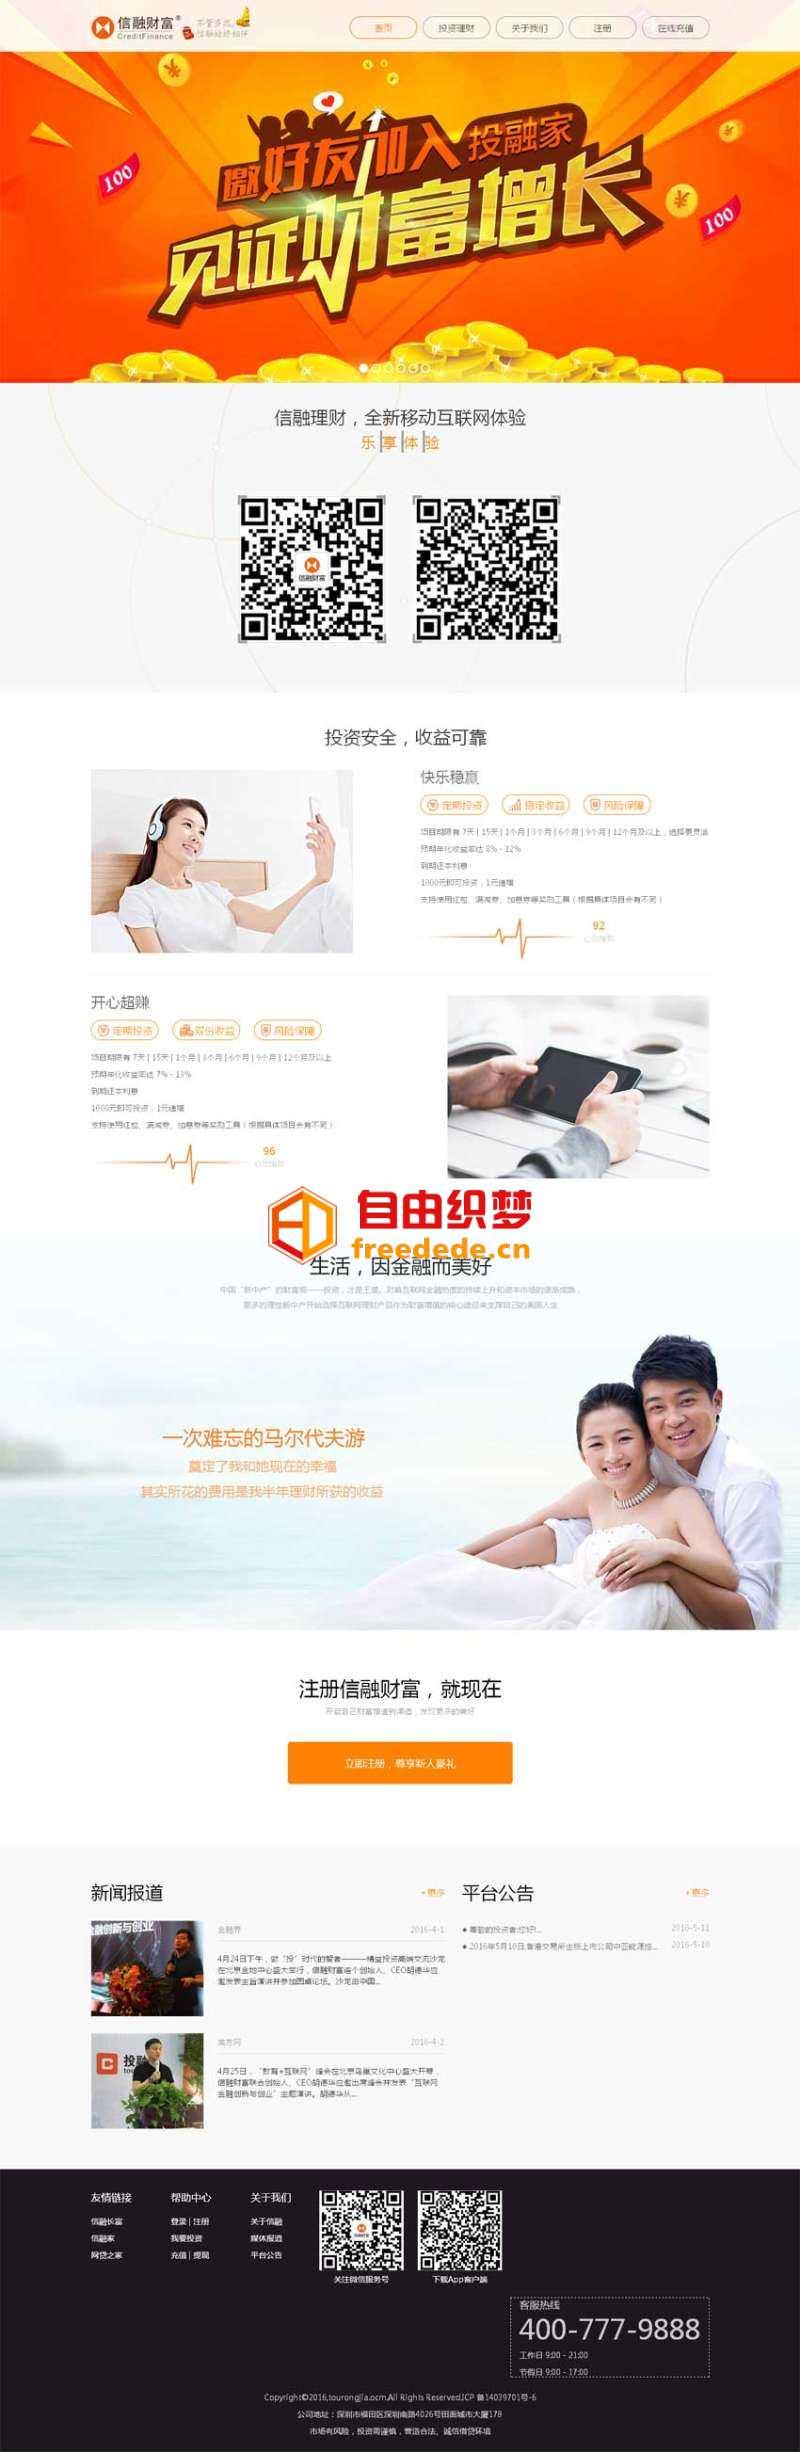 爱上源码网文章仿信融财富金融投资网页模板html源码的内容插图